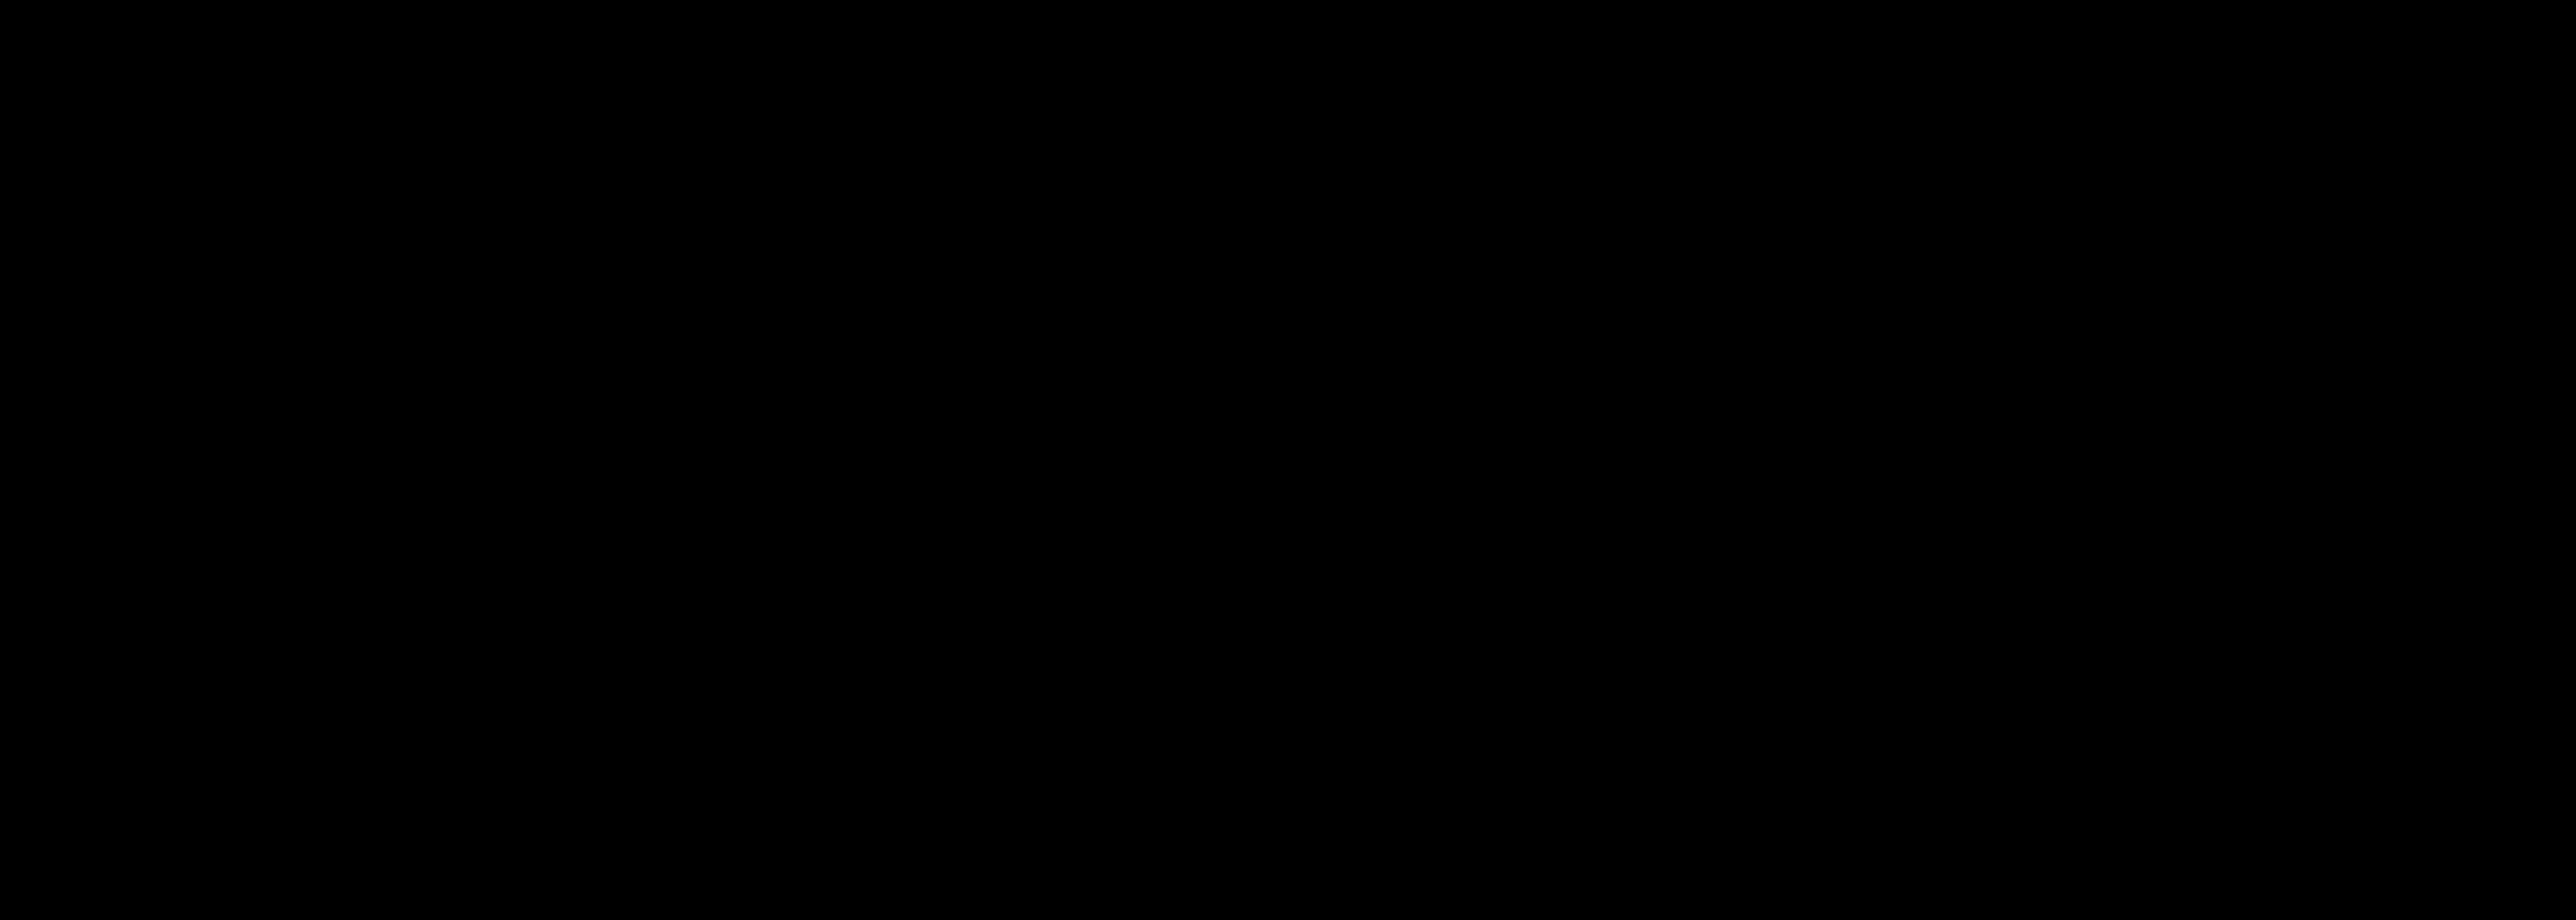 logo_nooraneh_New_Colore-01